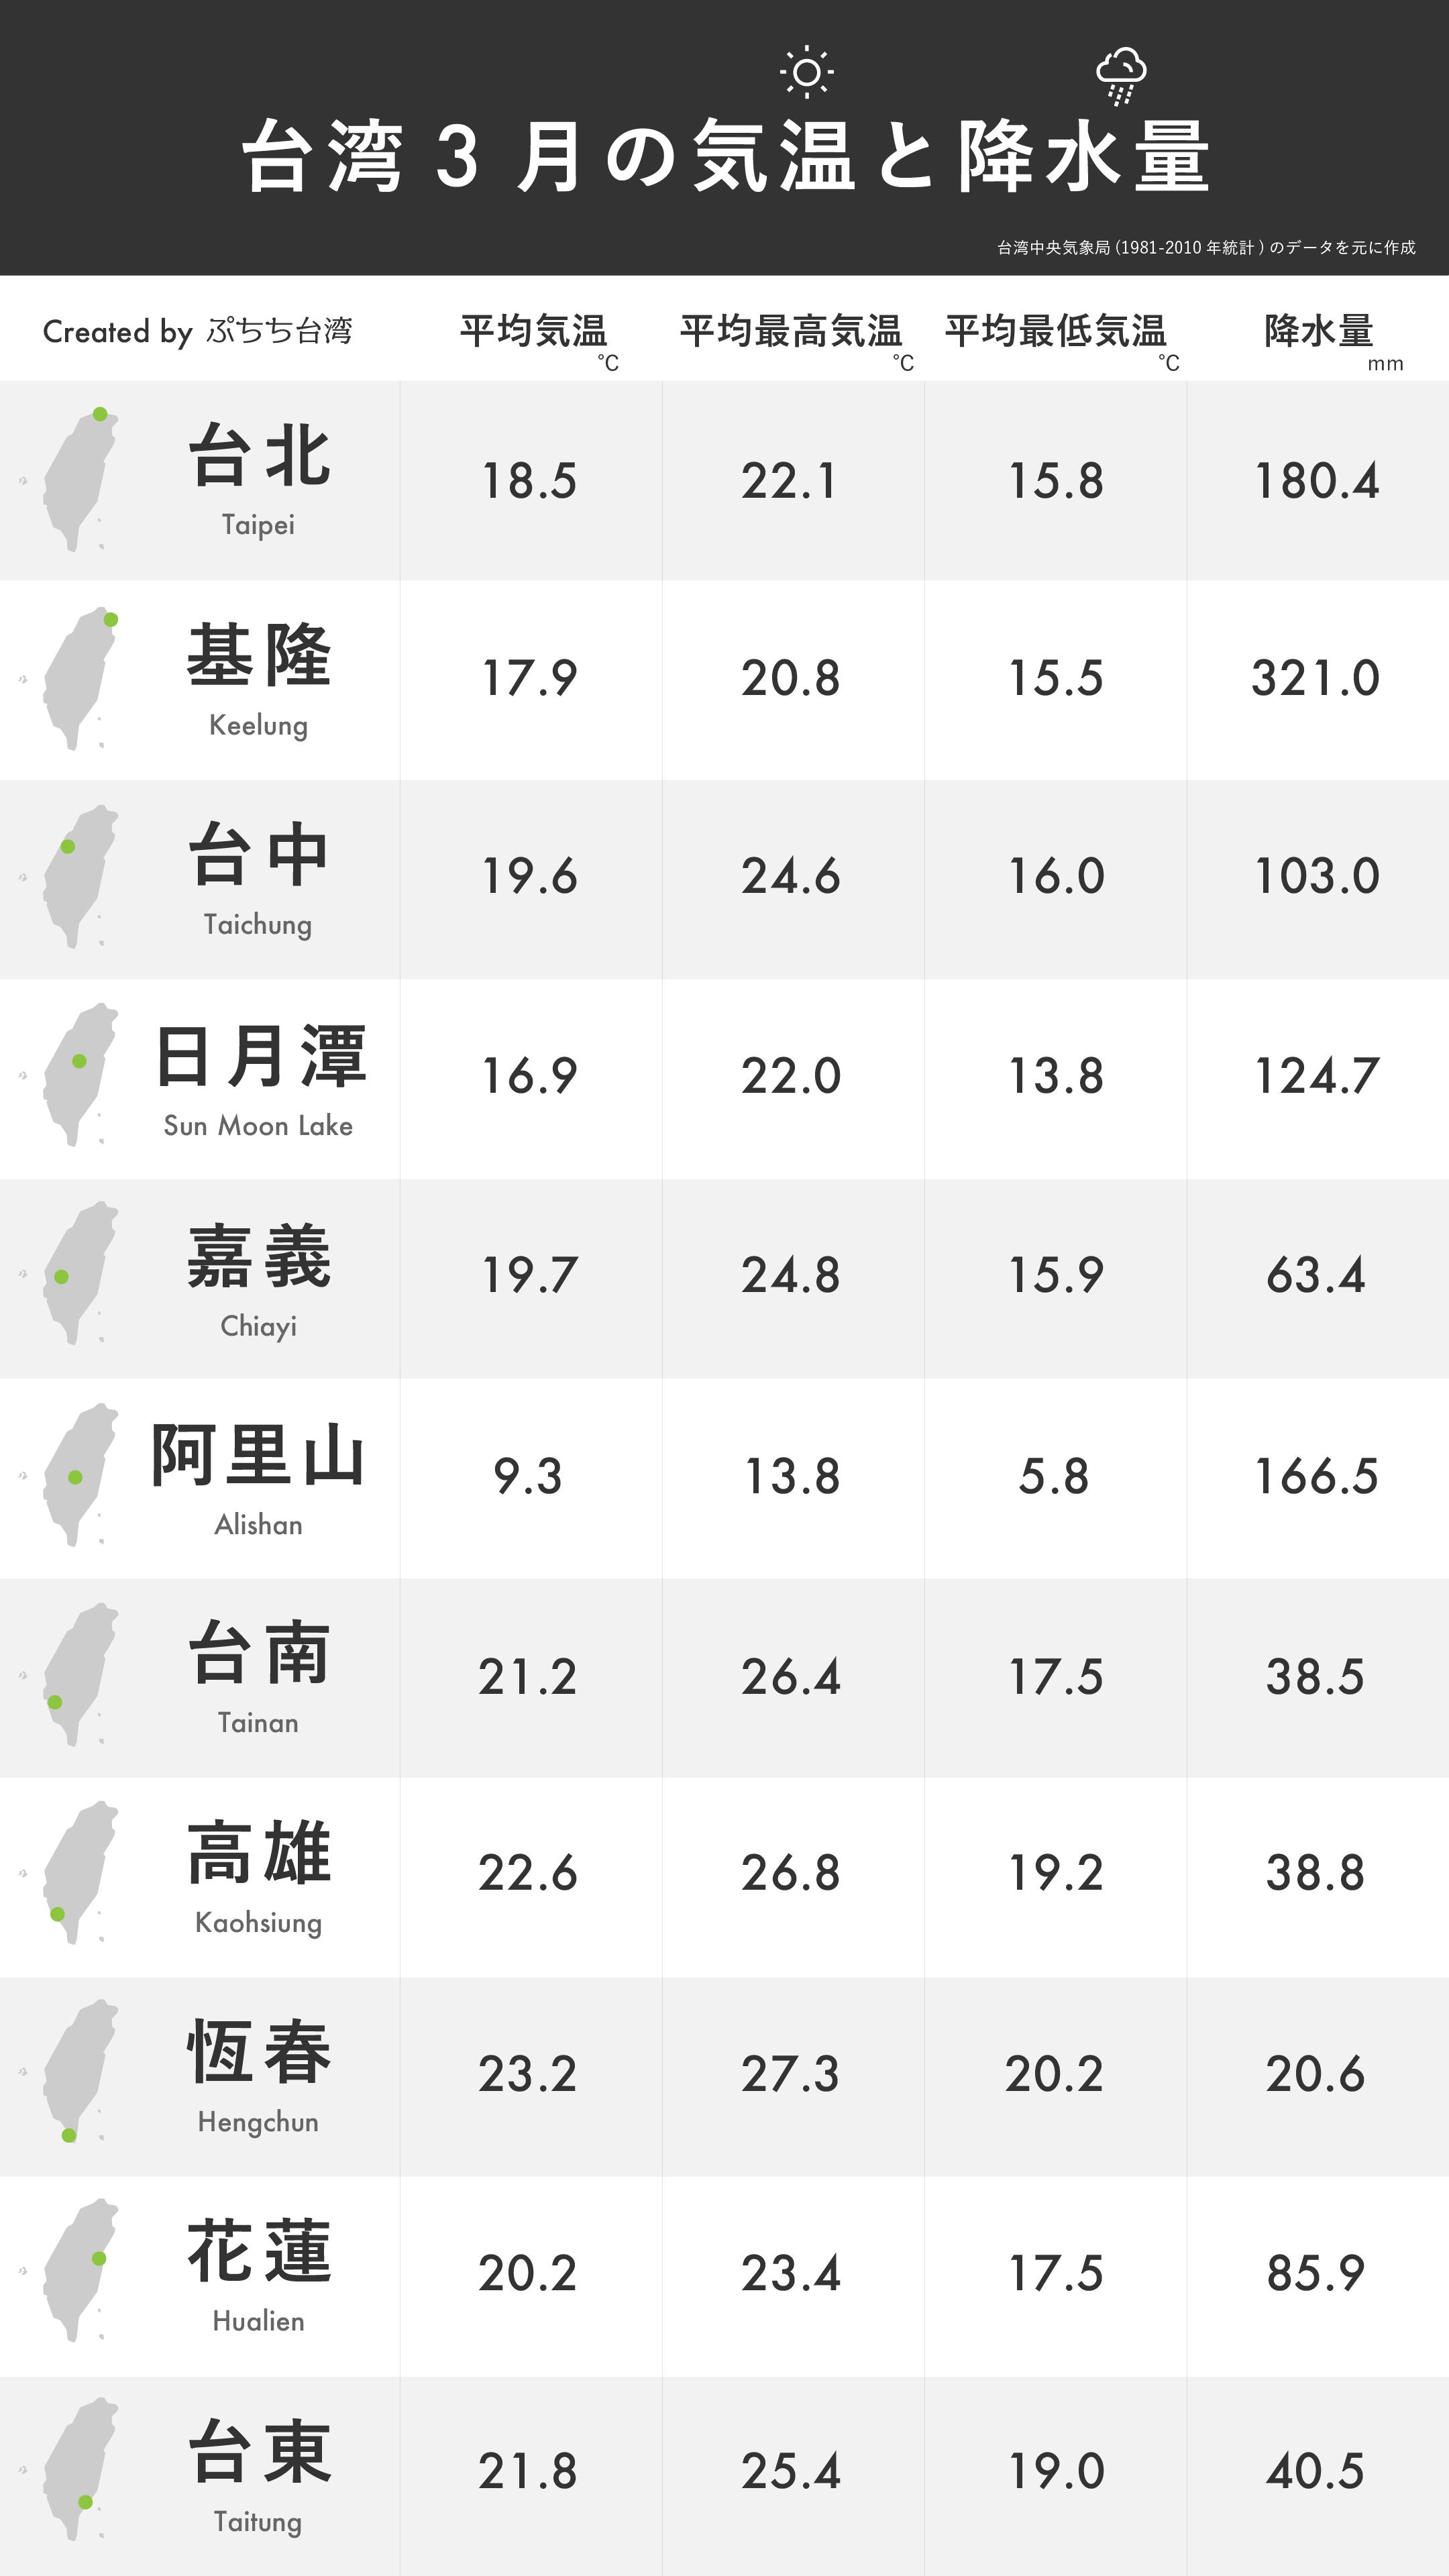 台湾3月の平均気温・平均最高気温・平均最低気温・降水量